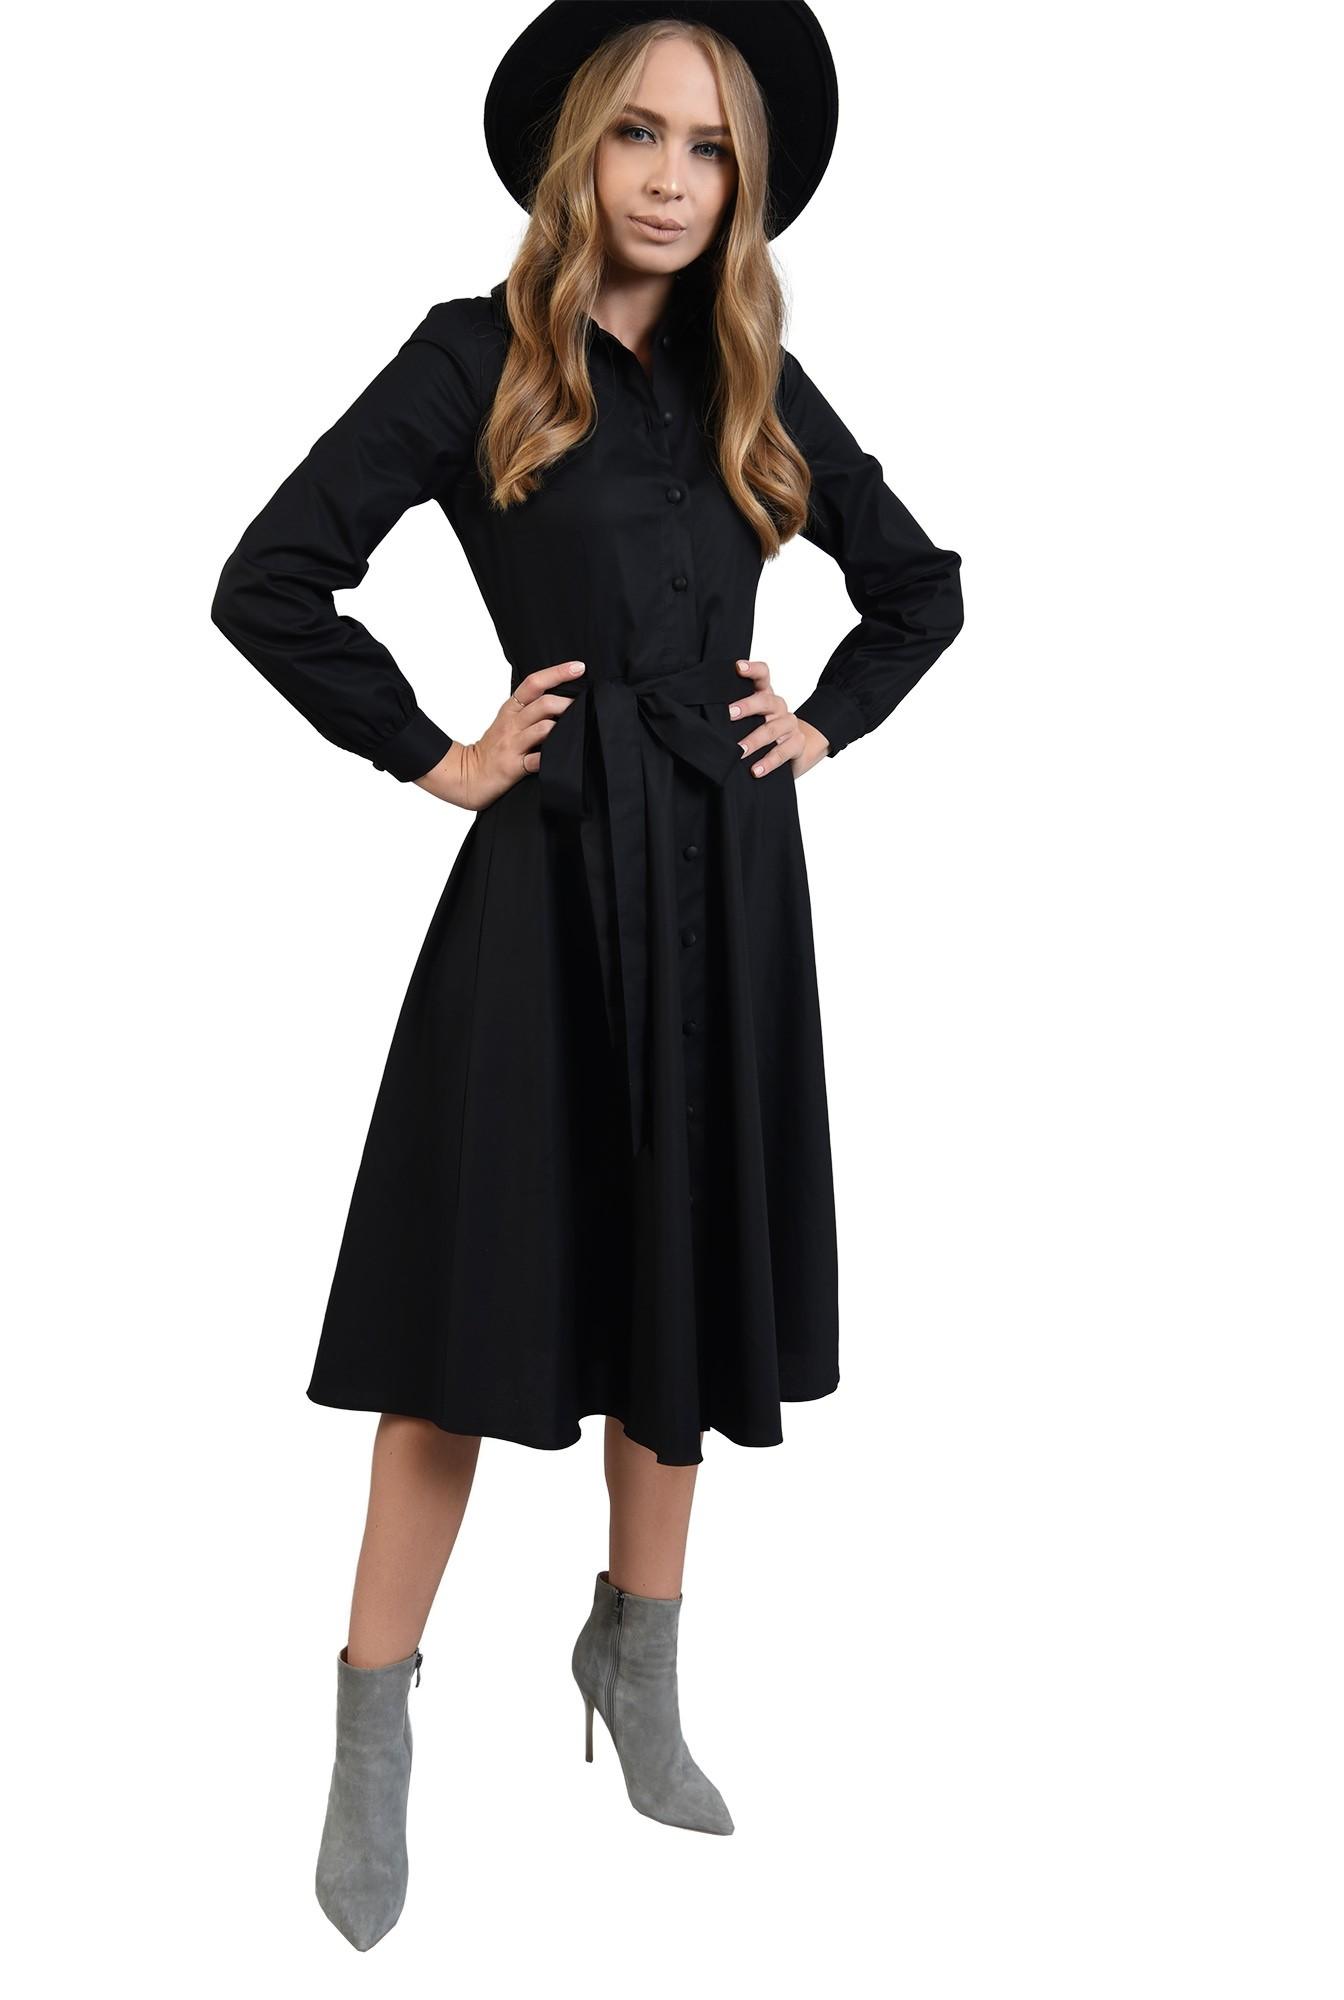 rochie neagra midi, evazata, cu maneca lunga